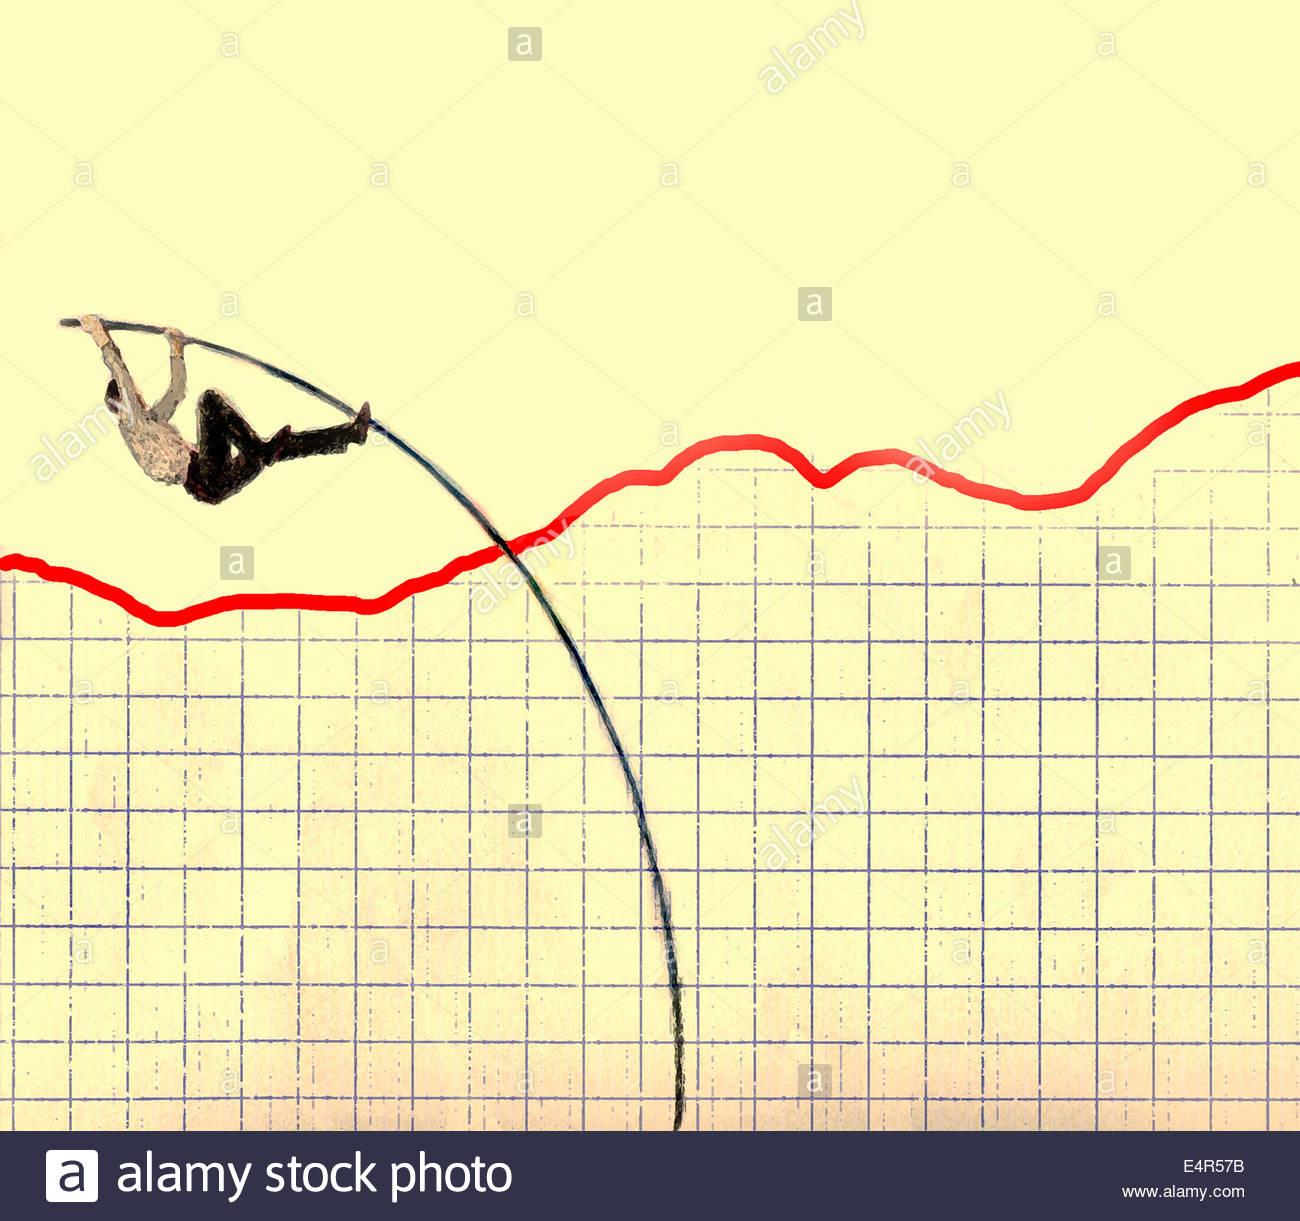 Empresario pole saltar por encima de la línea roja gráfico Imagen De Stock